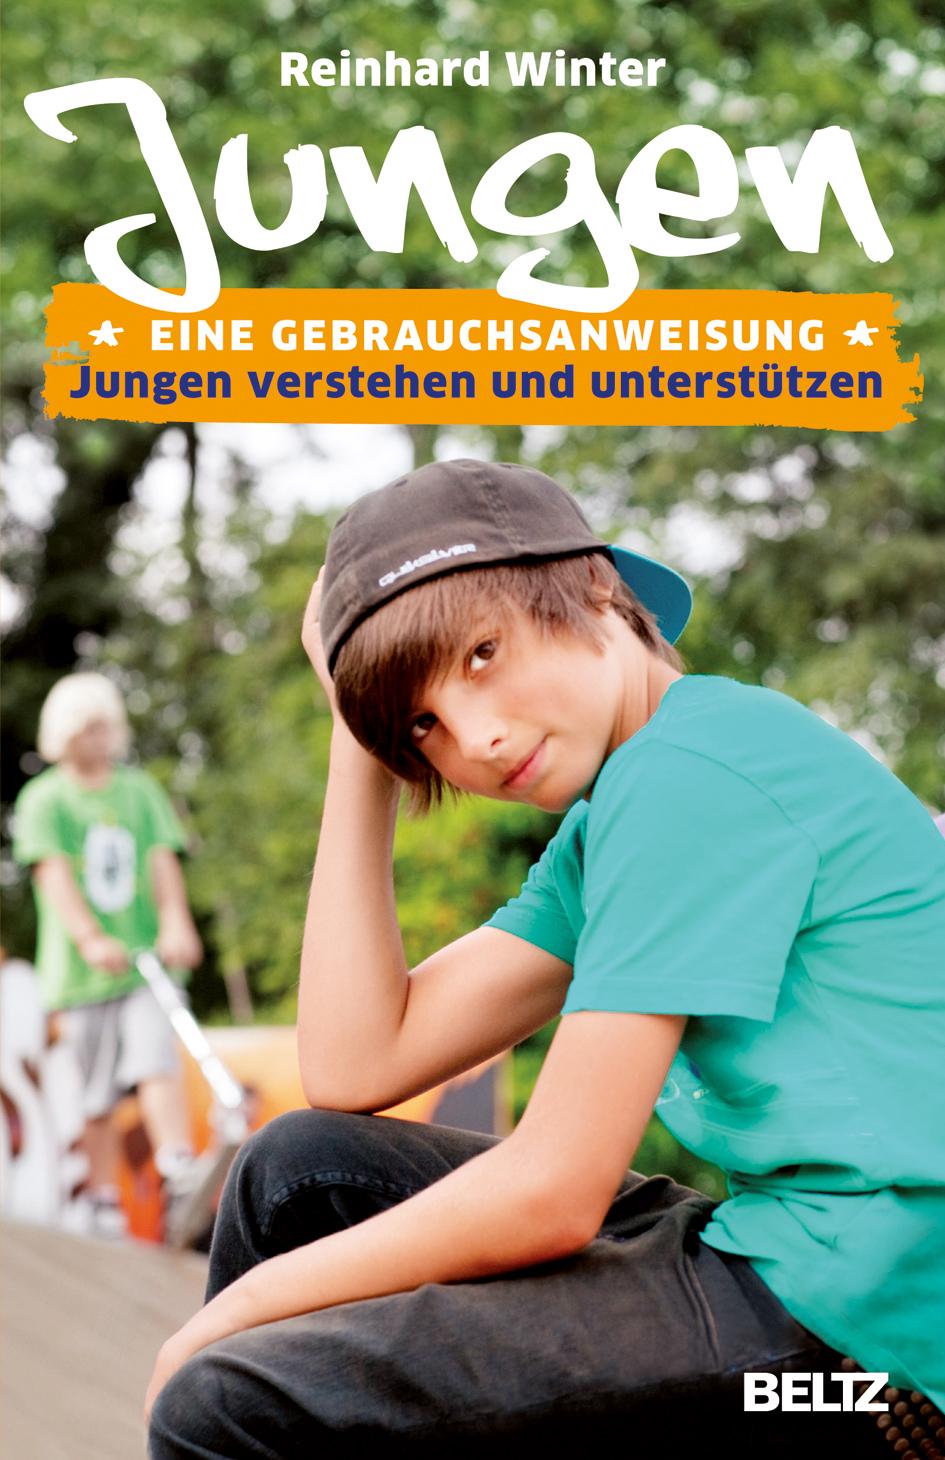 NEU Jungen - Eine Gebrauchsanweisung Reinhard Winter 859310